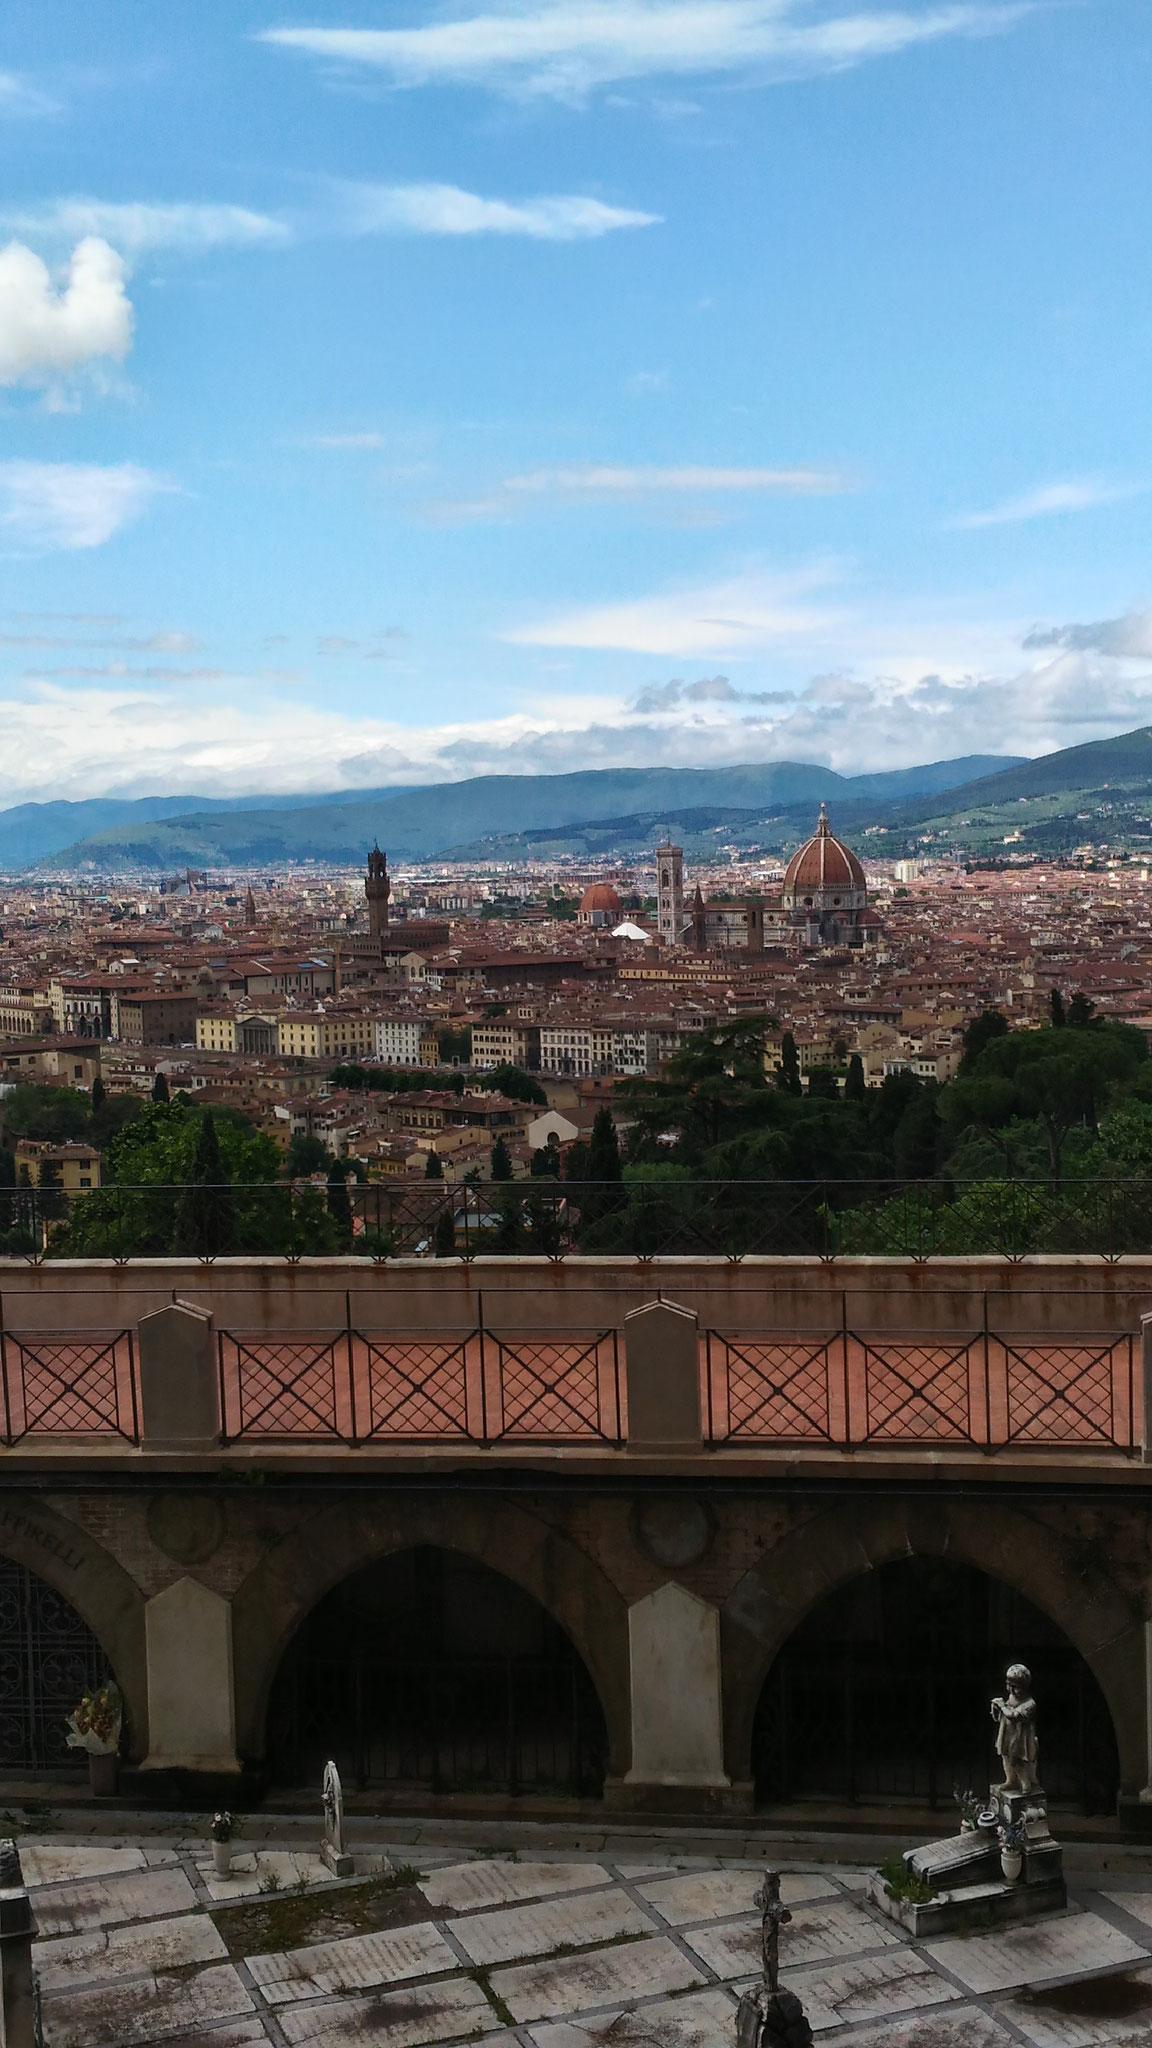 フィレンツェの町を撮るならミケランジェロ広場よりも車や人がいないこちらの方がオススメです。